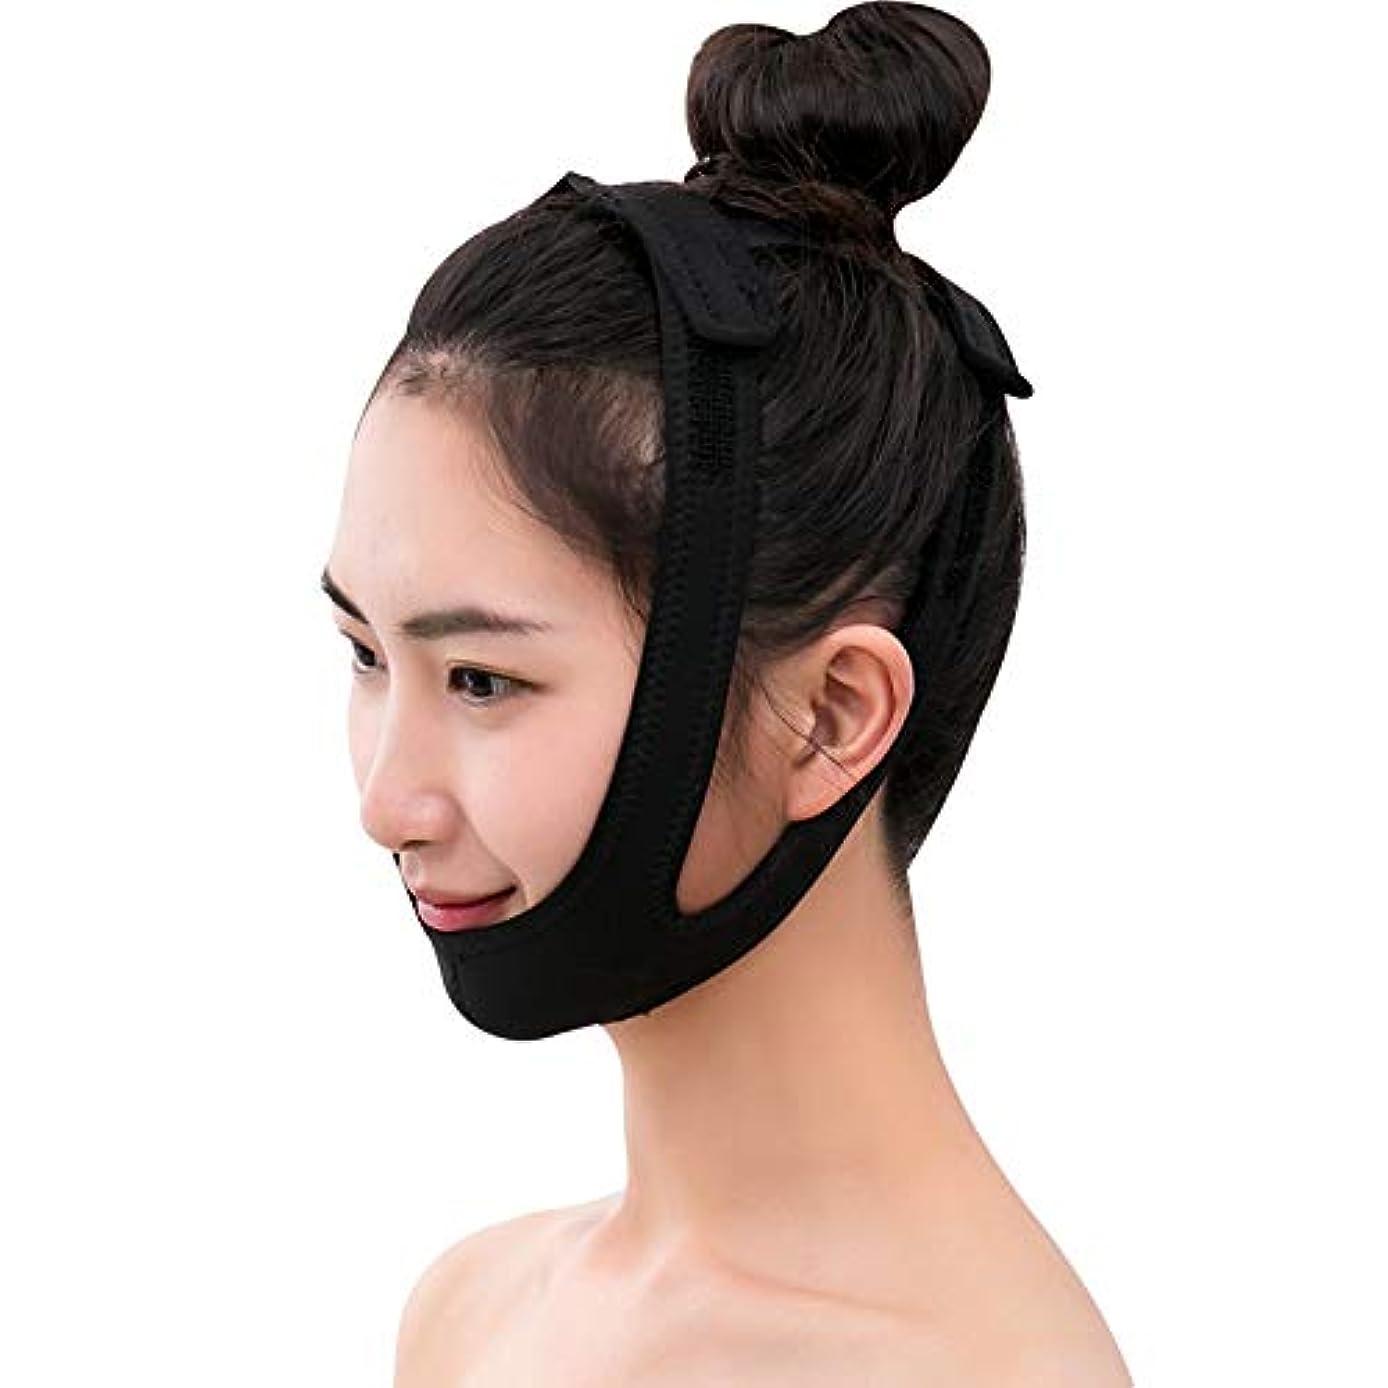 私たちの吐き出す長老薄いフェイスバンド - 薄い顔の包帯ビューティーインストゥルメントフェイシャルリフト睡眠マスク法Vフェイスマスクの通気性を作る